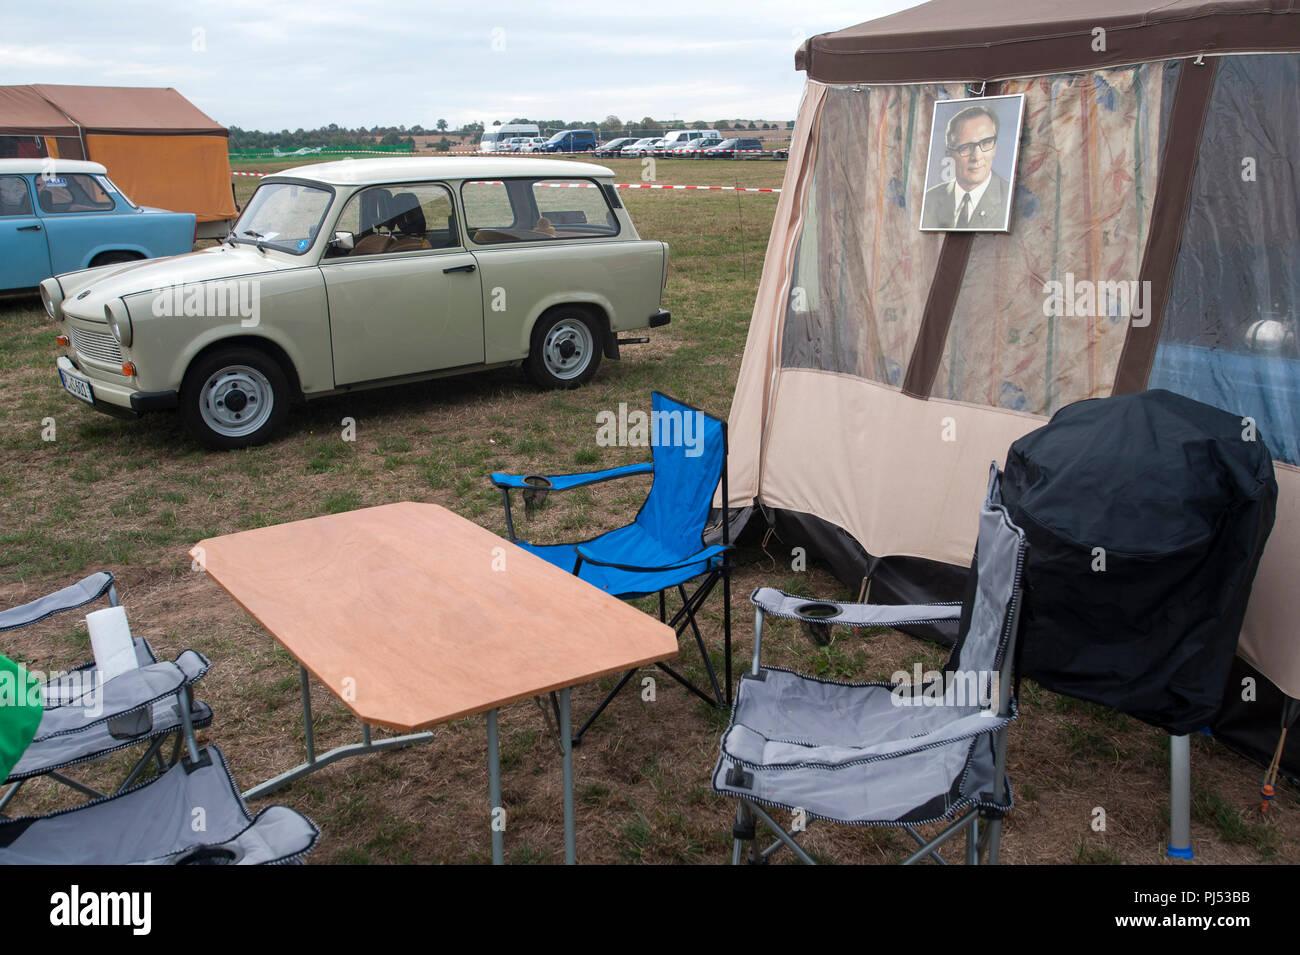 Nostalgie de l'Allemagne de l'est à un DDR Rallye Trabant à Zwickau, Saxe, Allemagne. Photo Stock